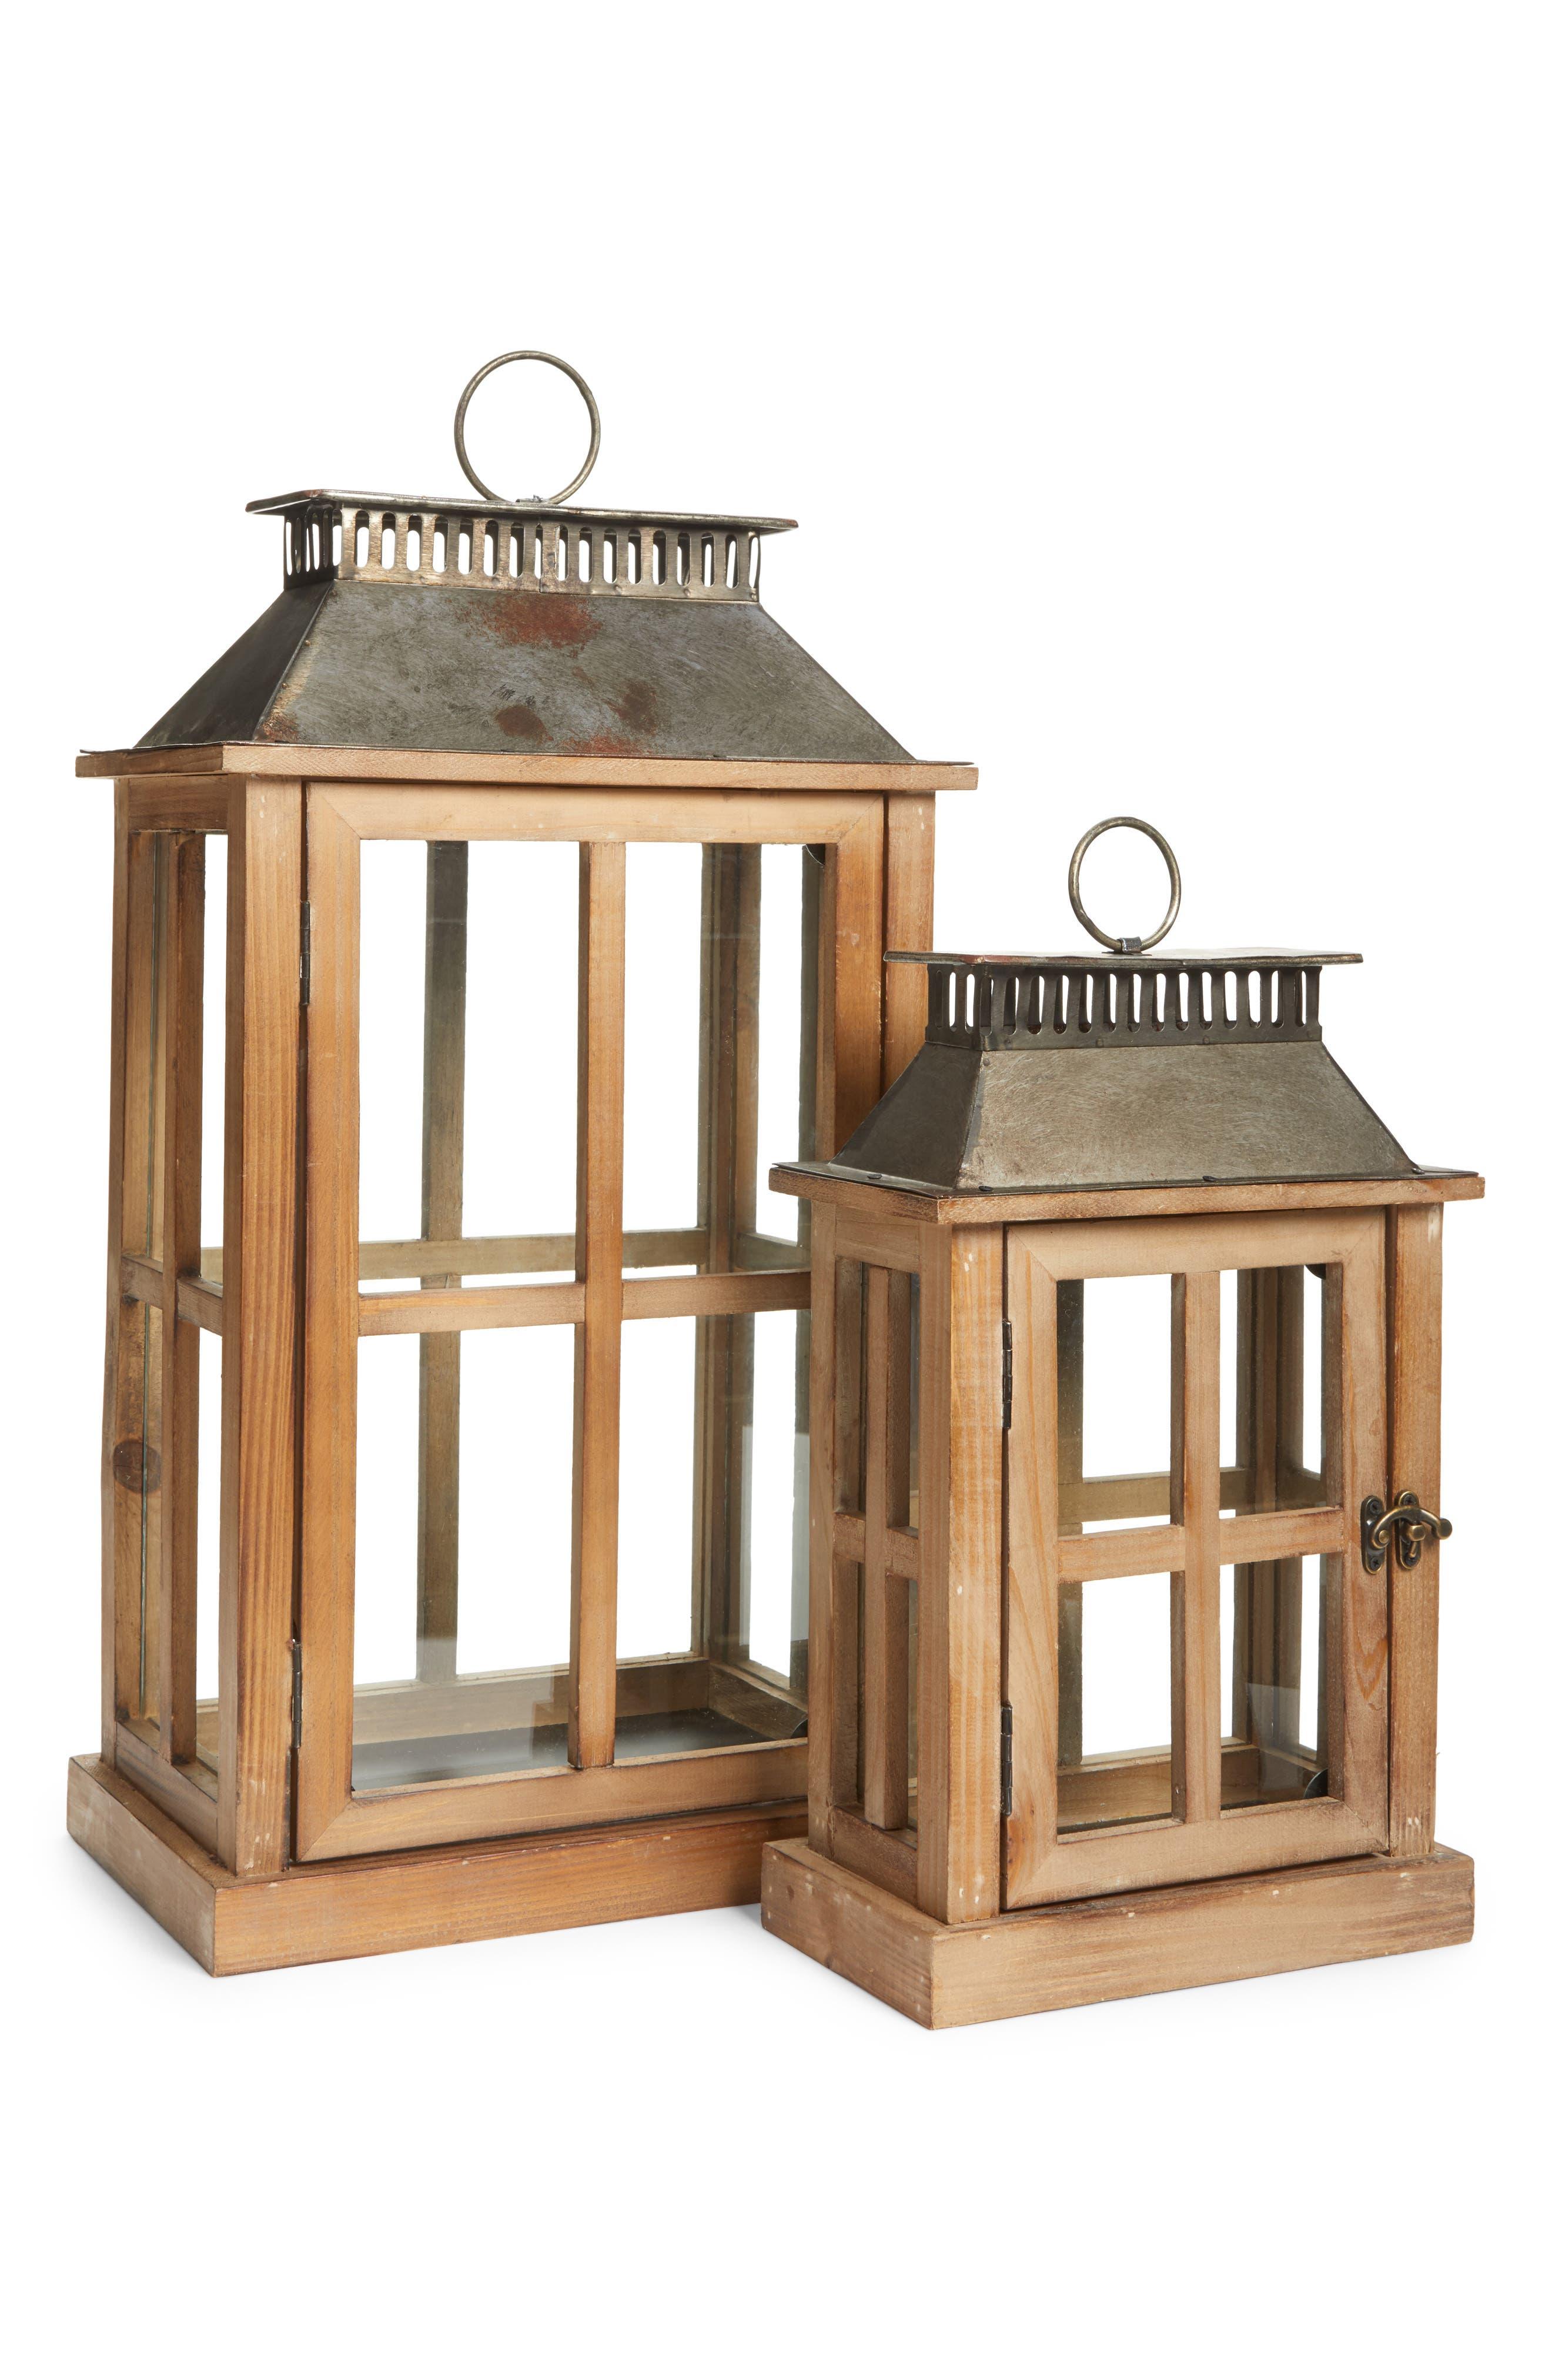 Alternate Image 1 Selected - Melrose Gifts Decorative Wood & Metal Lantern